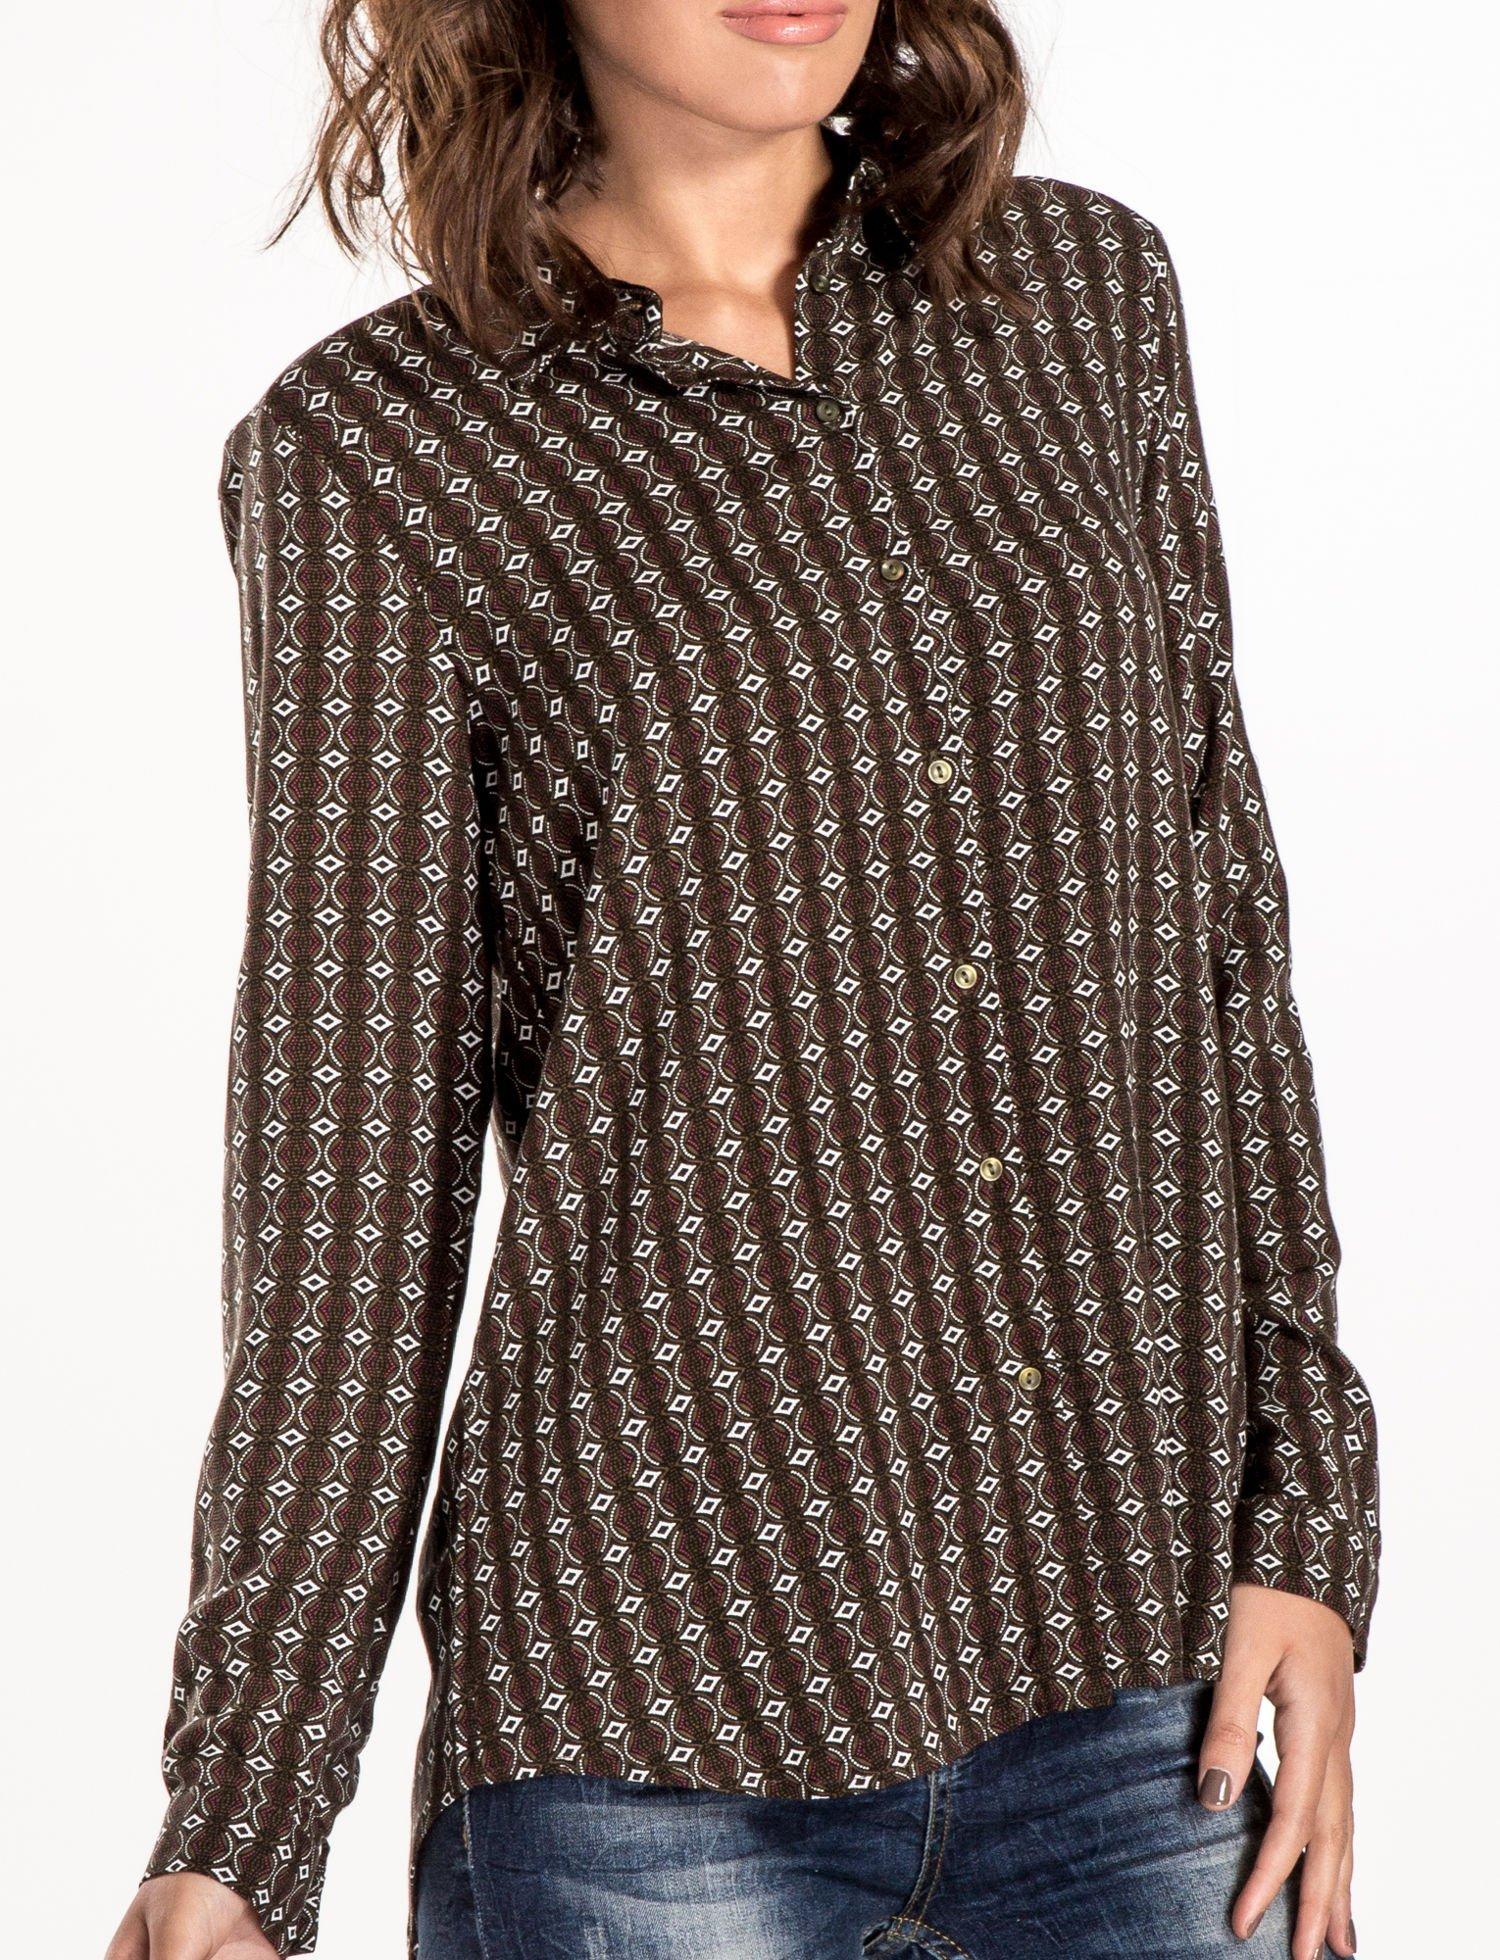 Brązowa koszula w geometryczne wzory                                  zdj.                                  4